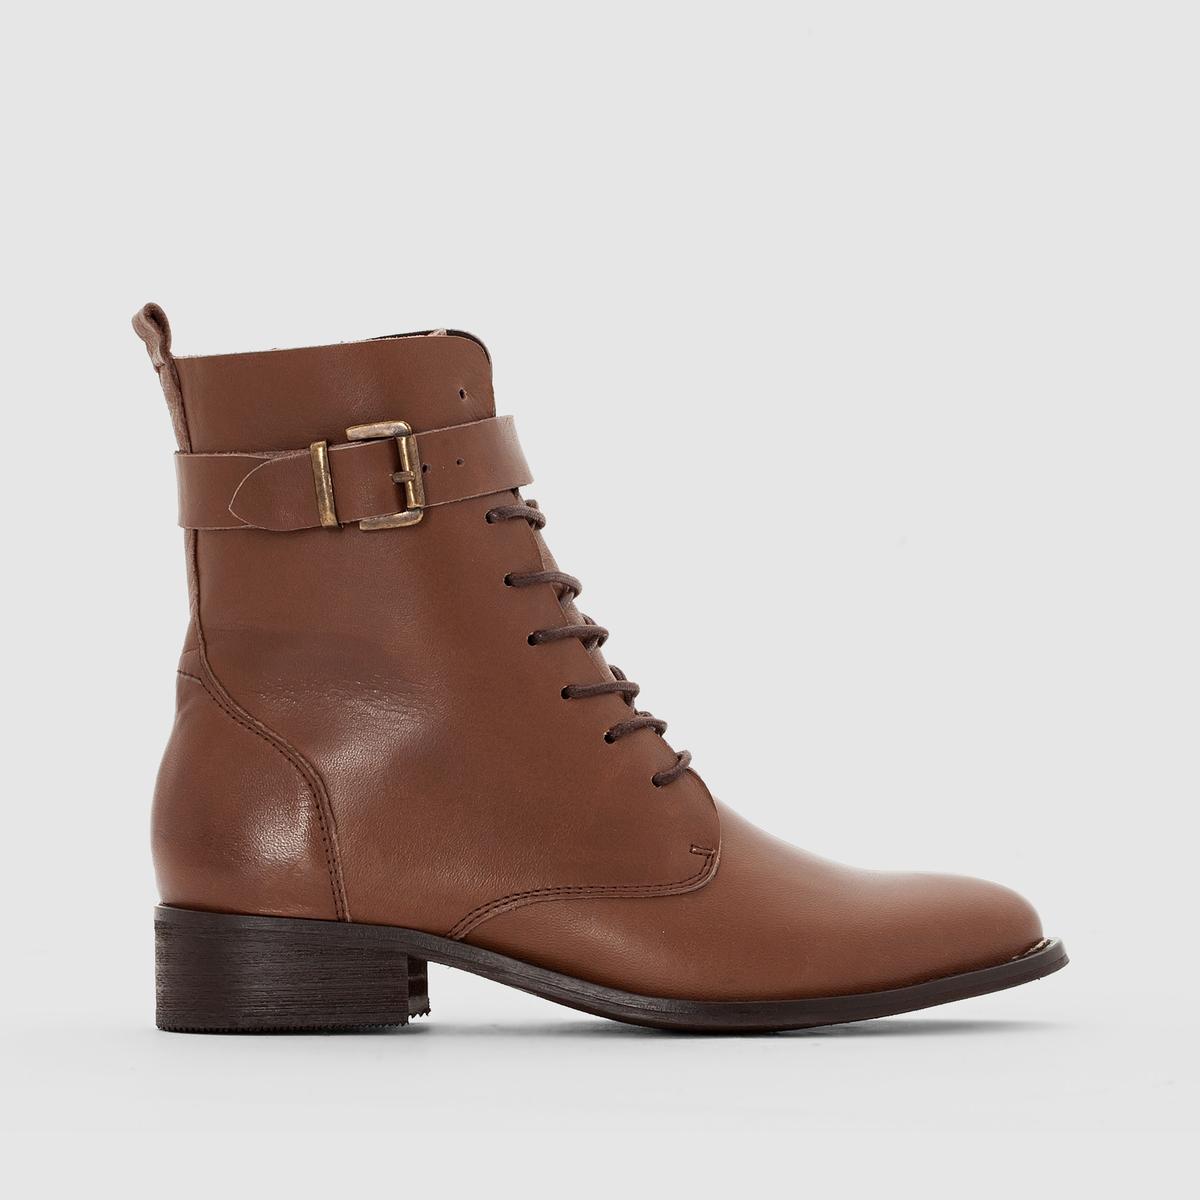 Ботильоны кожаные на шнуровке ботильоны на шнуровке sangoan